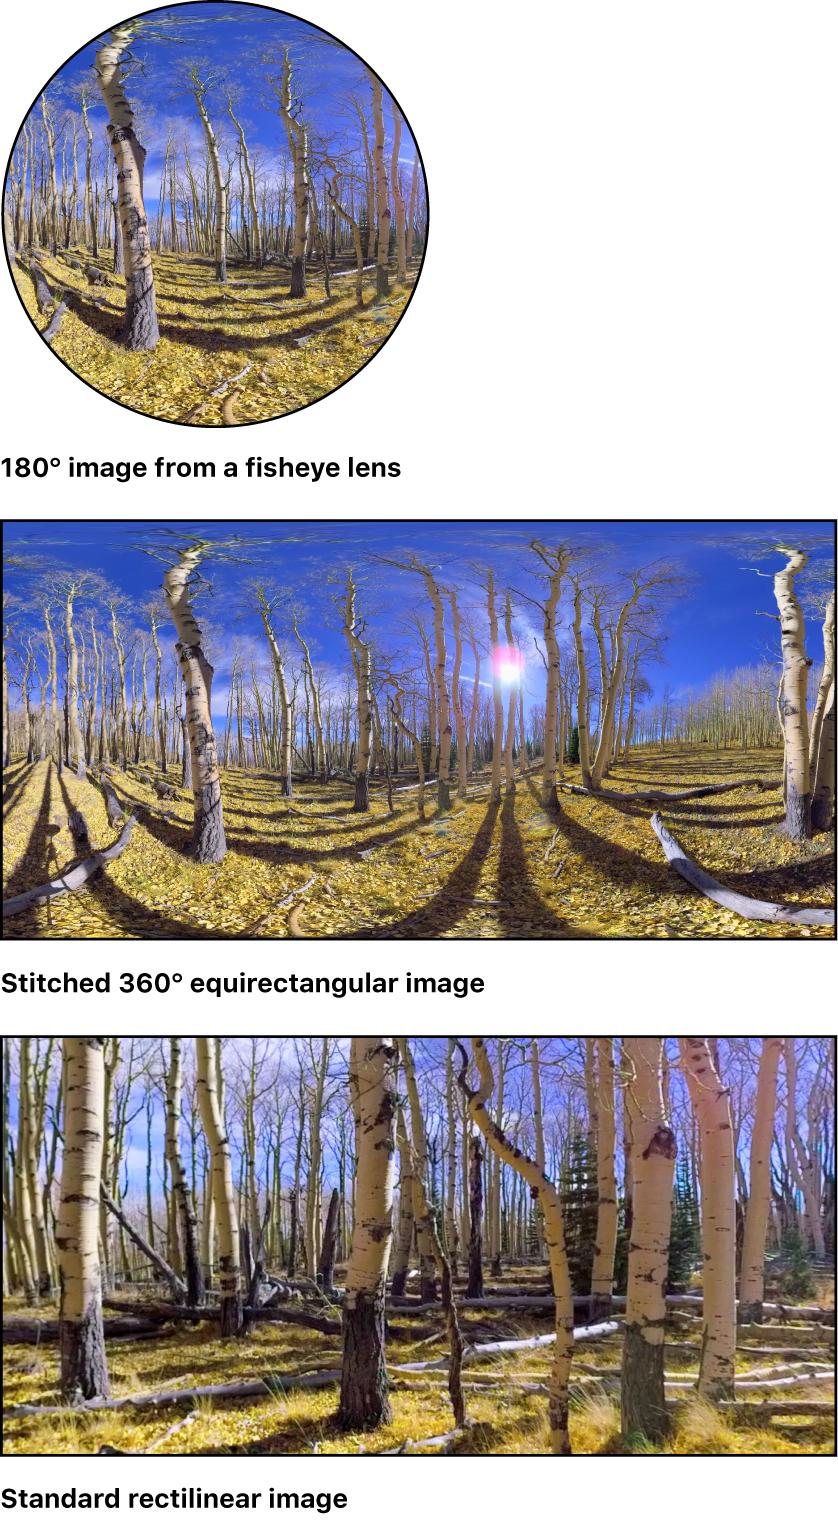 Una imagen de un único ojo de pez, una imagen de 360º cosida y una imagen rectilínea estándar